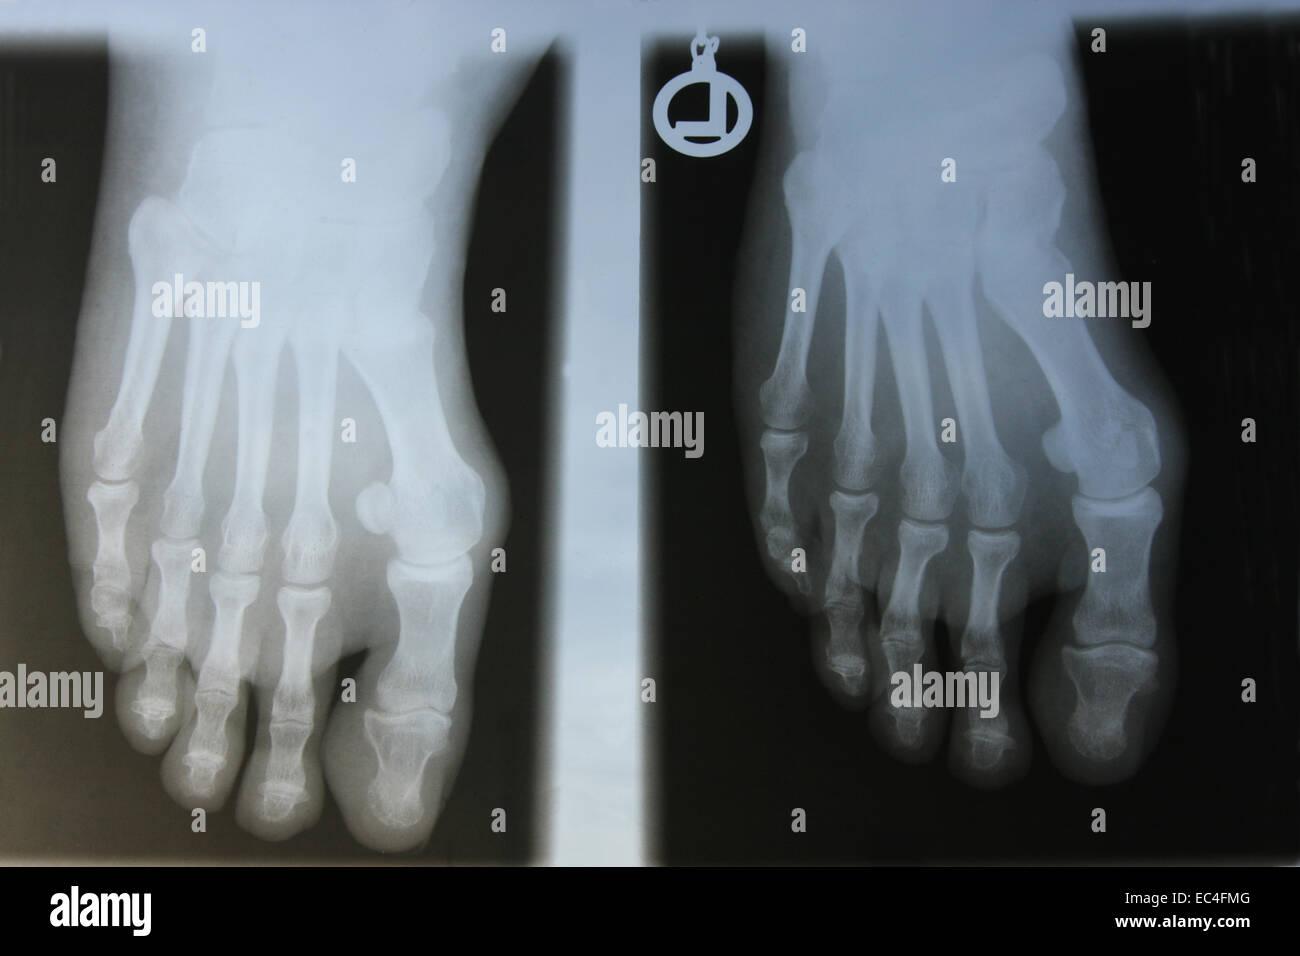 radiograph - Stock Image